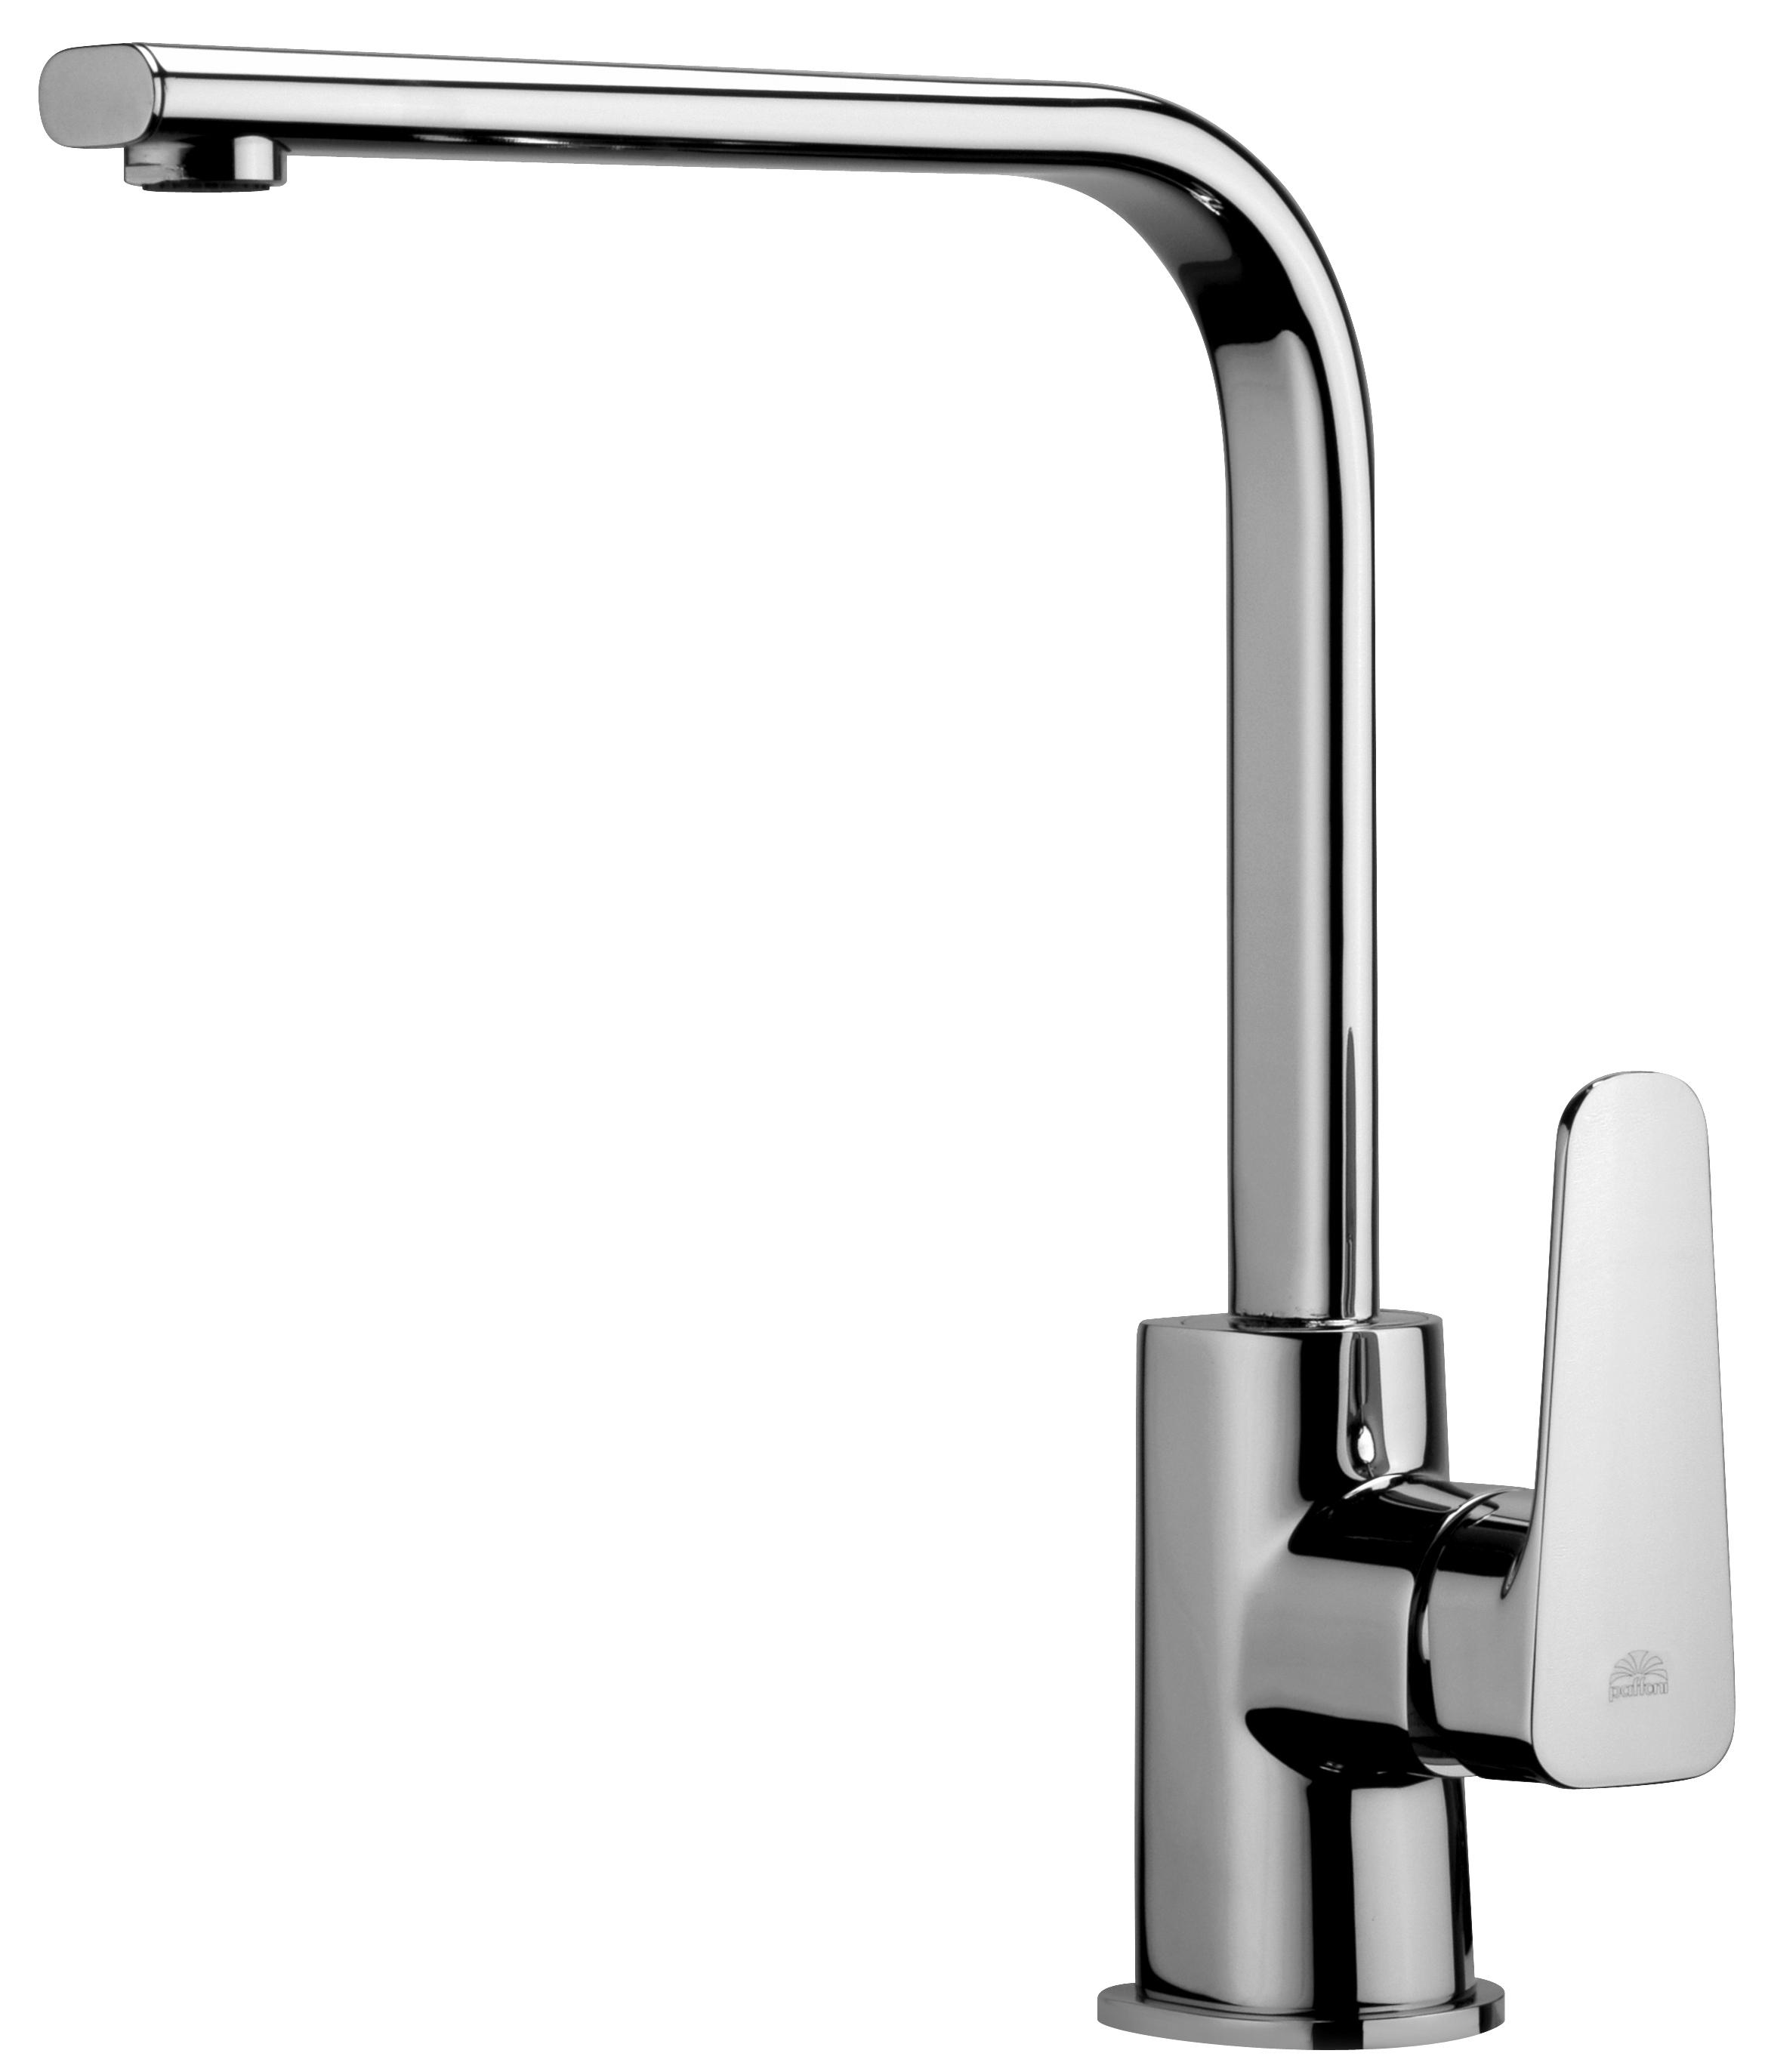 VÒI CHẬU NÓNG LẠNH PAFFONI SY180CR8 (Vòi lavabo model: SY180CR8)